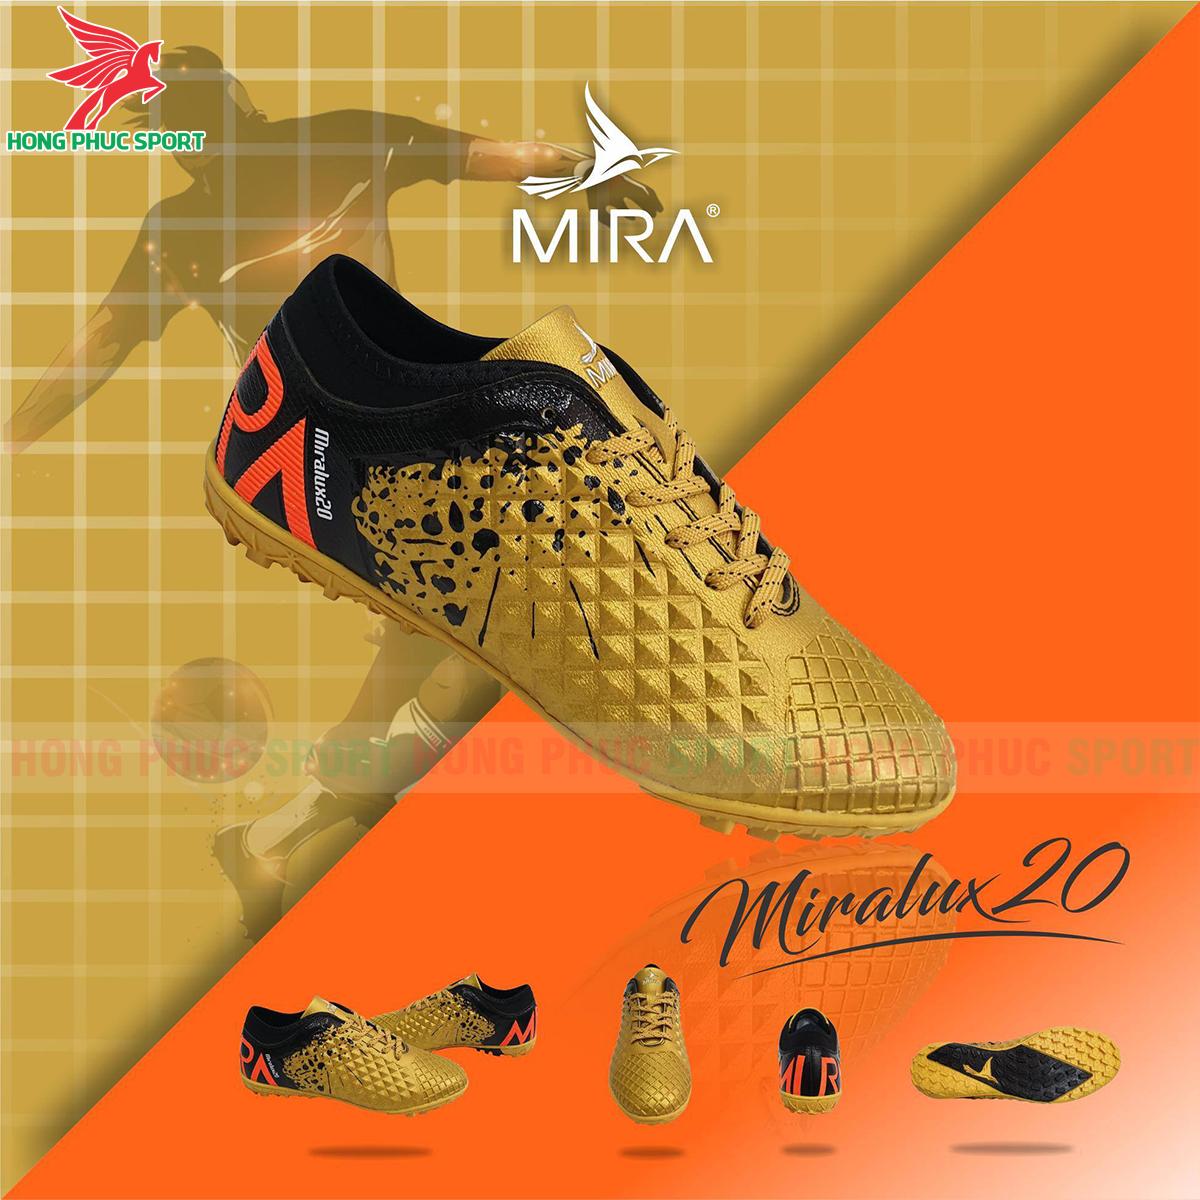 Giày Mira Lux 20.2 sân cỏ nhân tạo màu vàng phối đen